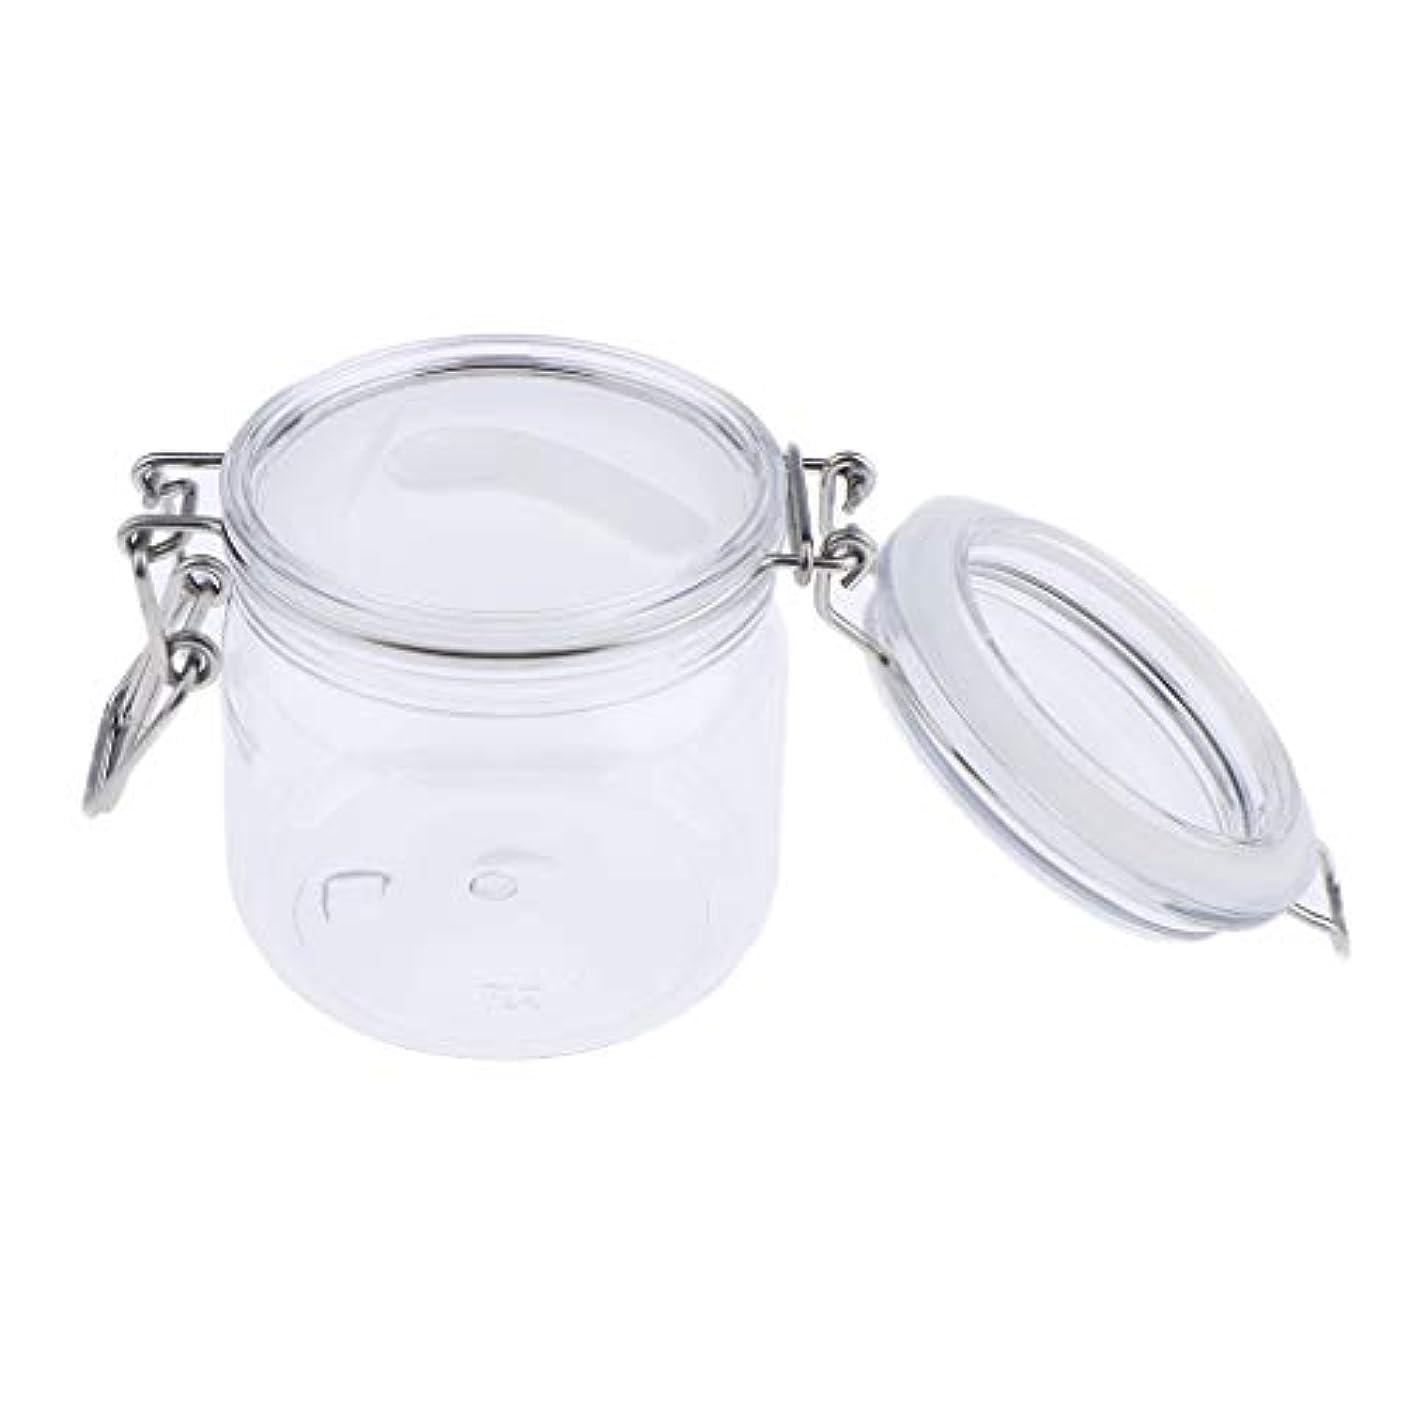 予感セラー褒賞SM SunniMix 化粧品容器 瓶 クリーム ジャー コスメ 詰め替え容器 スプーン付き 3サイズ選べ - 500g